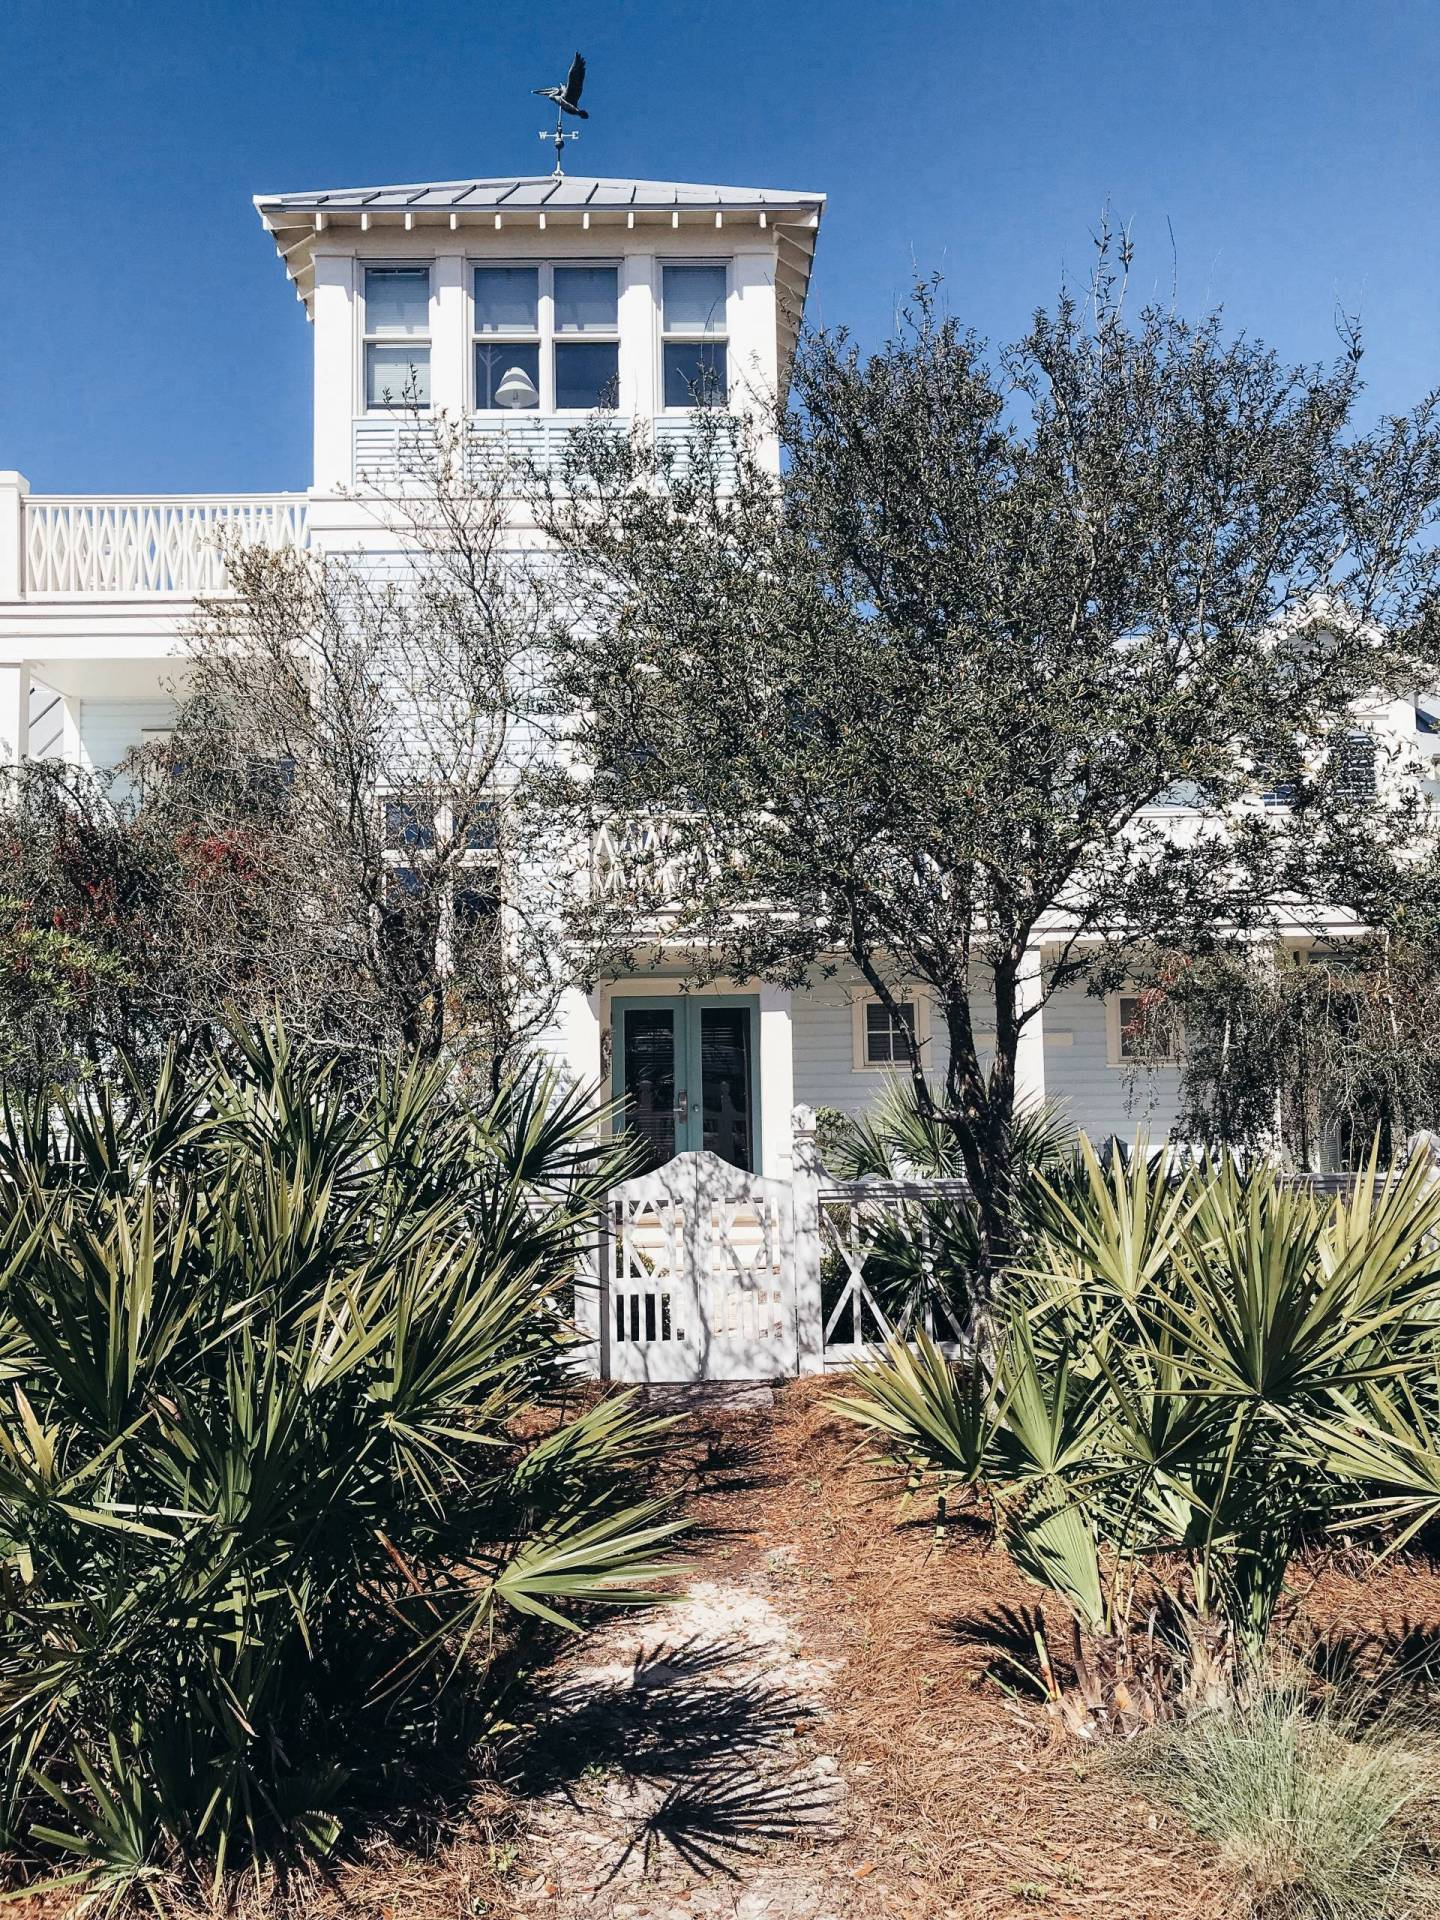 A Guide to Seaside 30A, Florida's Hidden Gem